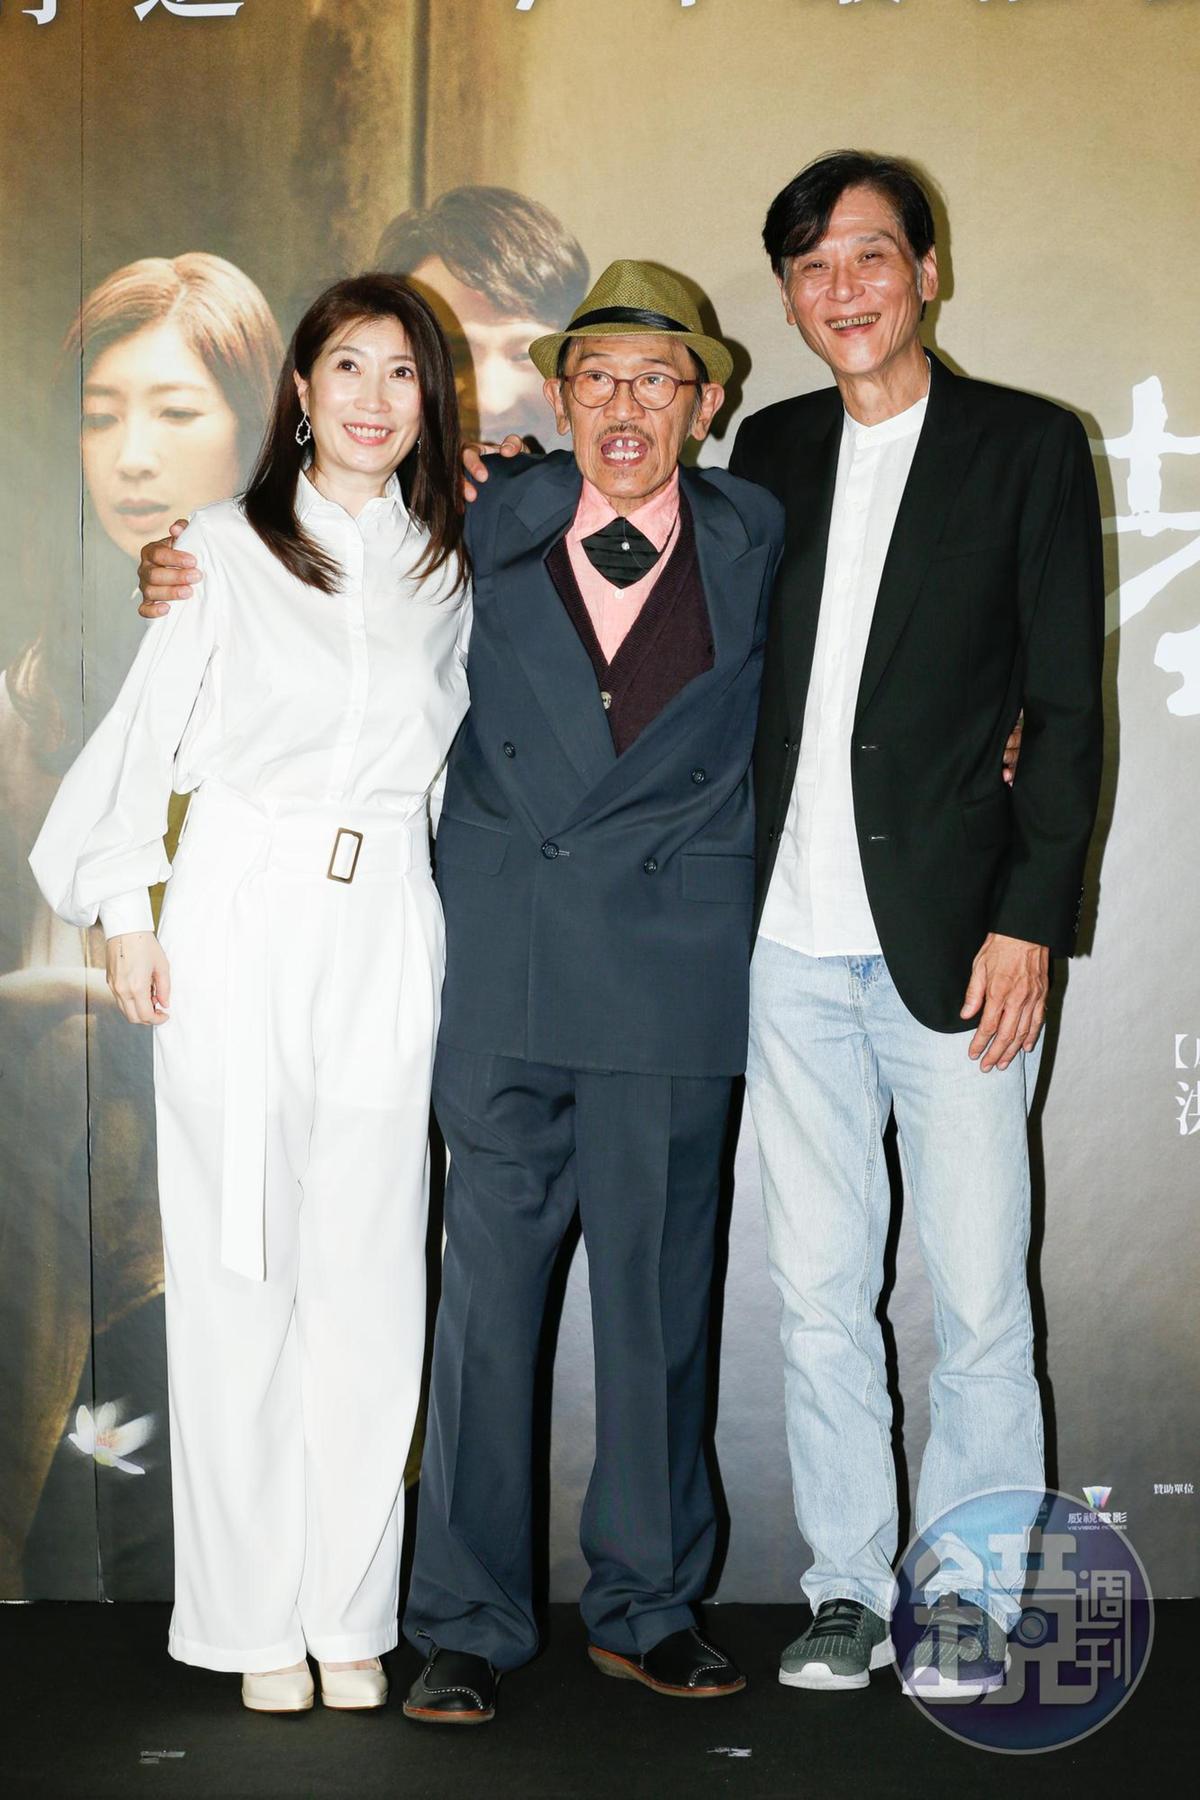 去年小戽斗身體狀況已不太好,但他仍賣力宣傳電影《老大人》。